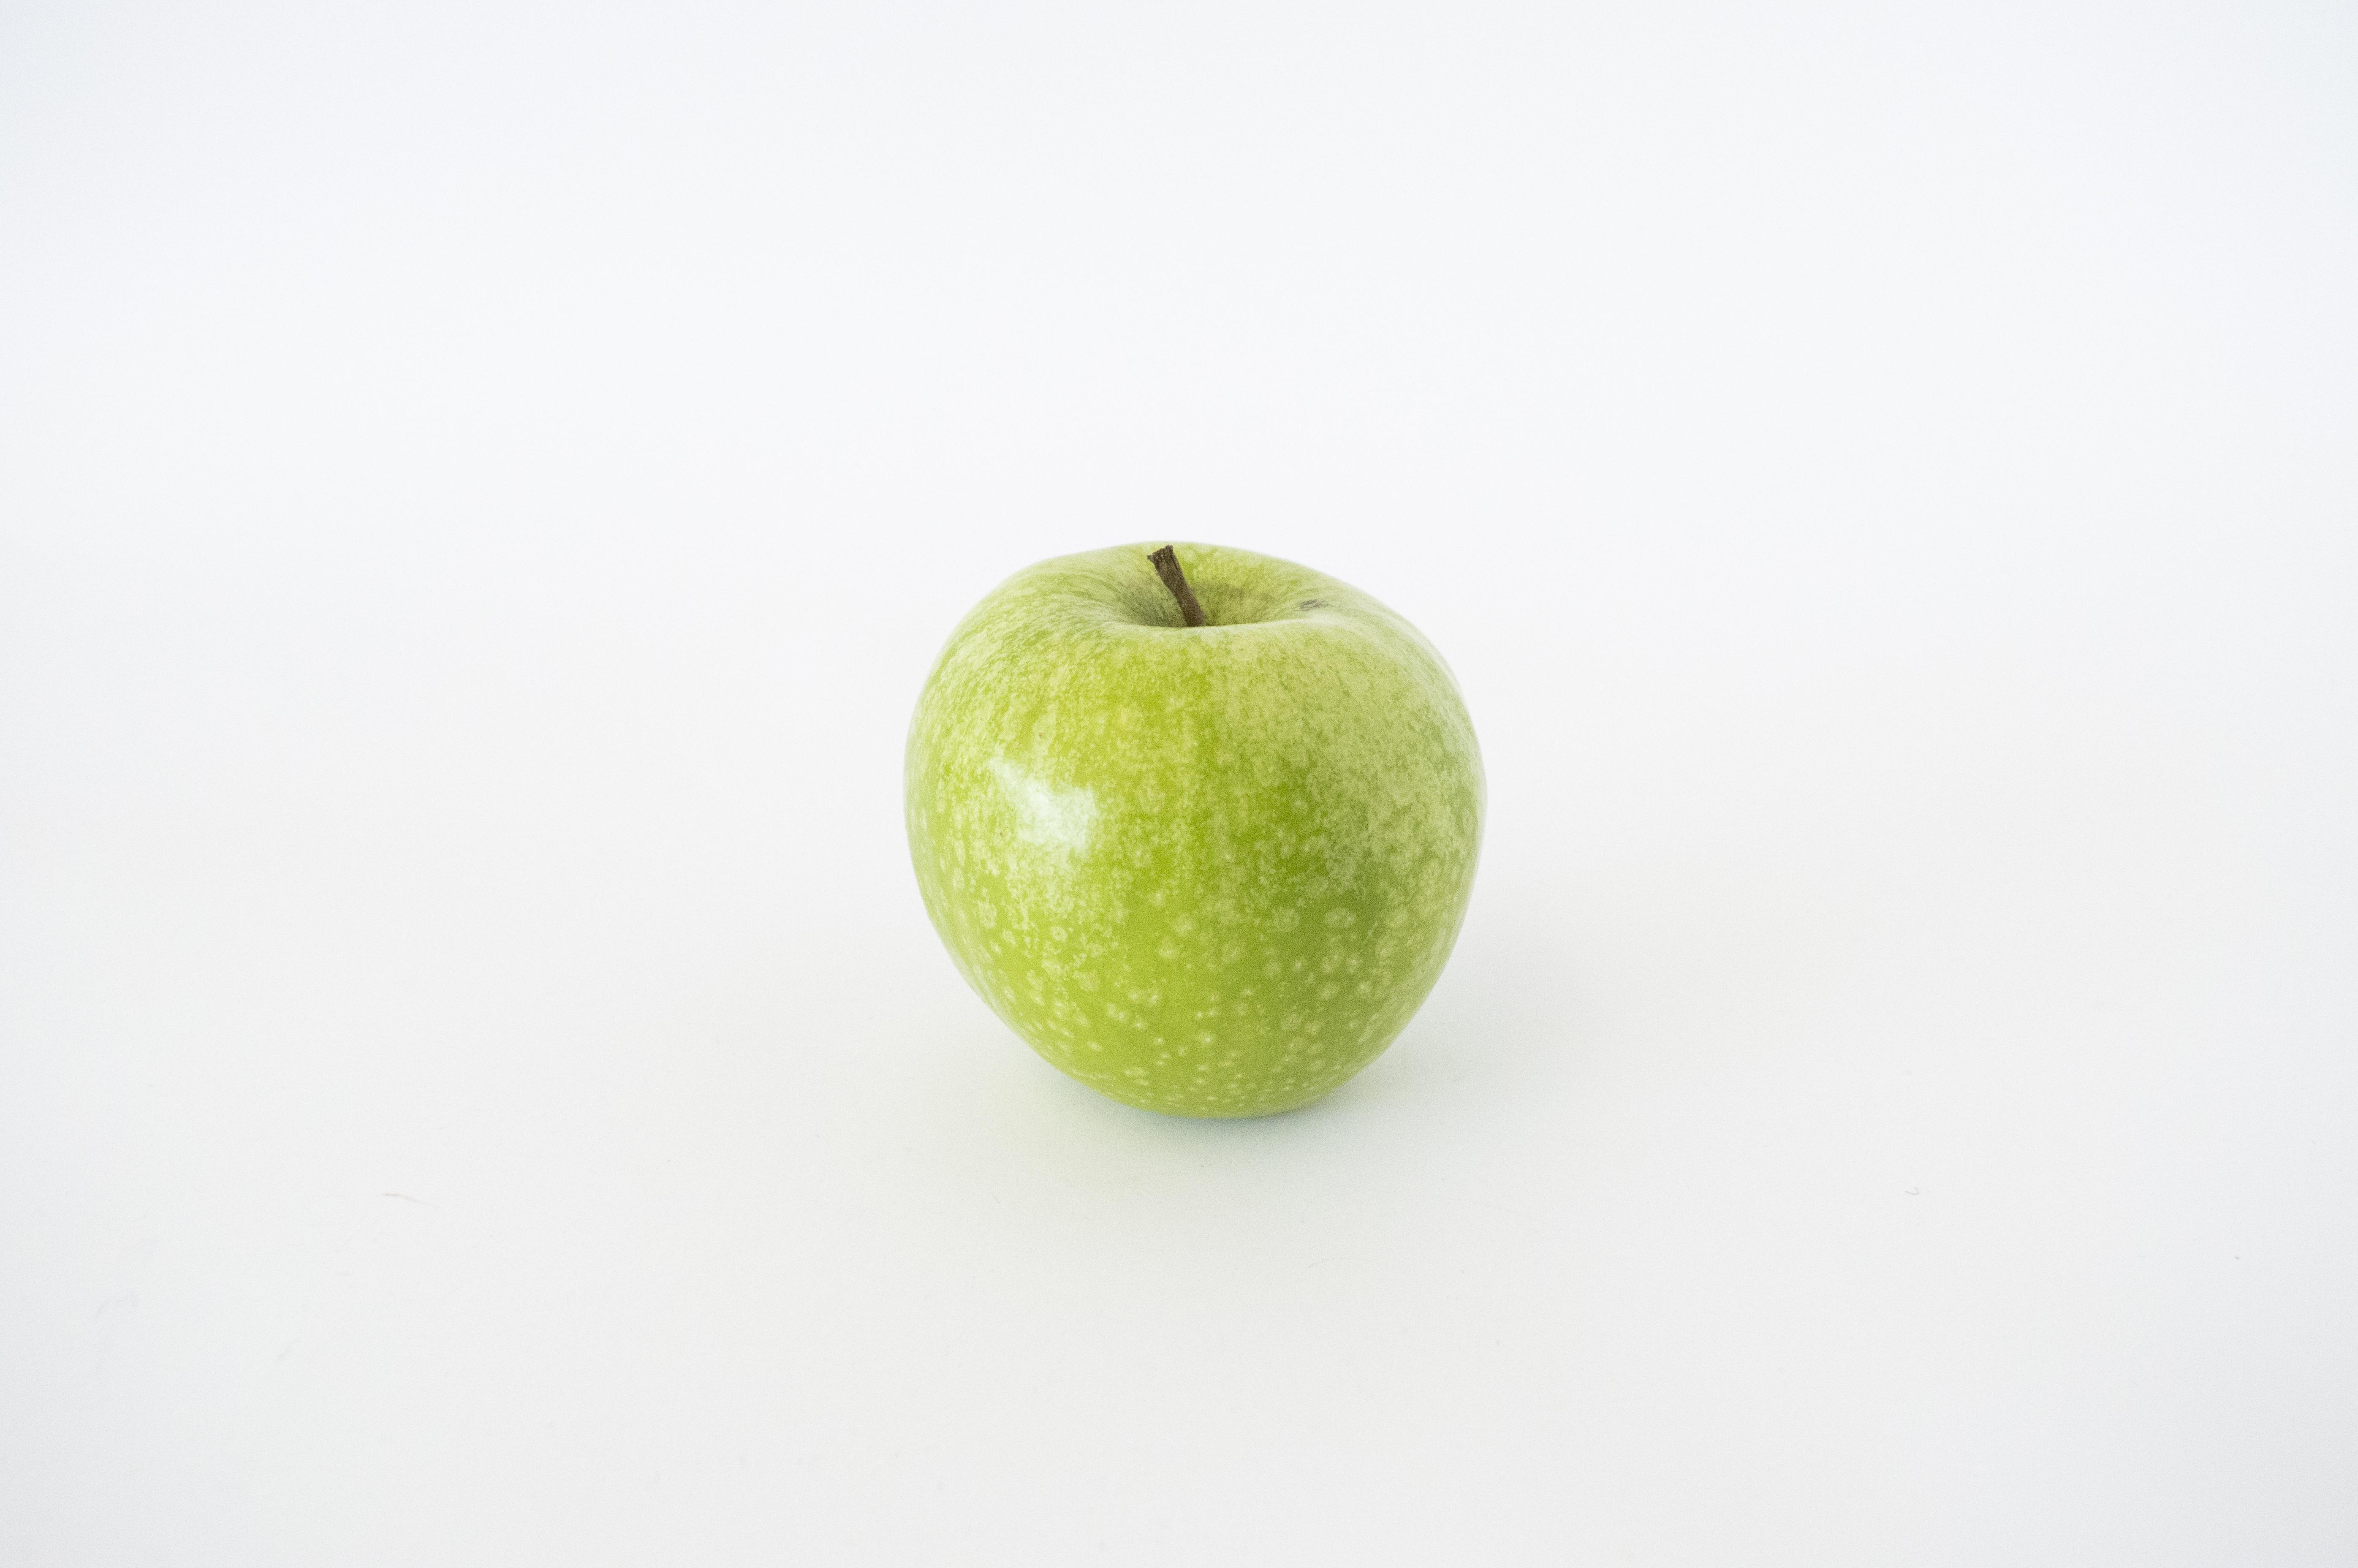 Fotos gratis : manzana, naturaleza, blanco, Fruta, dulce, aislado ...